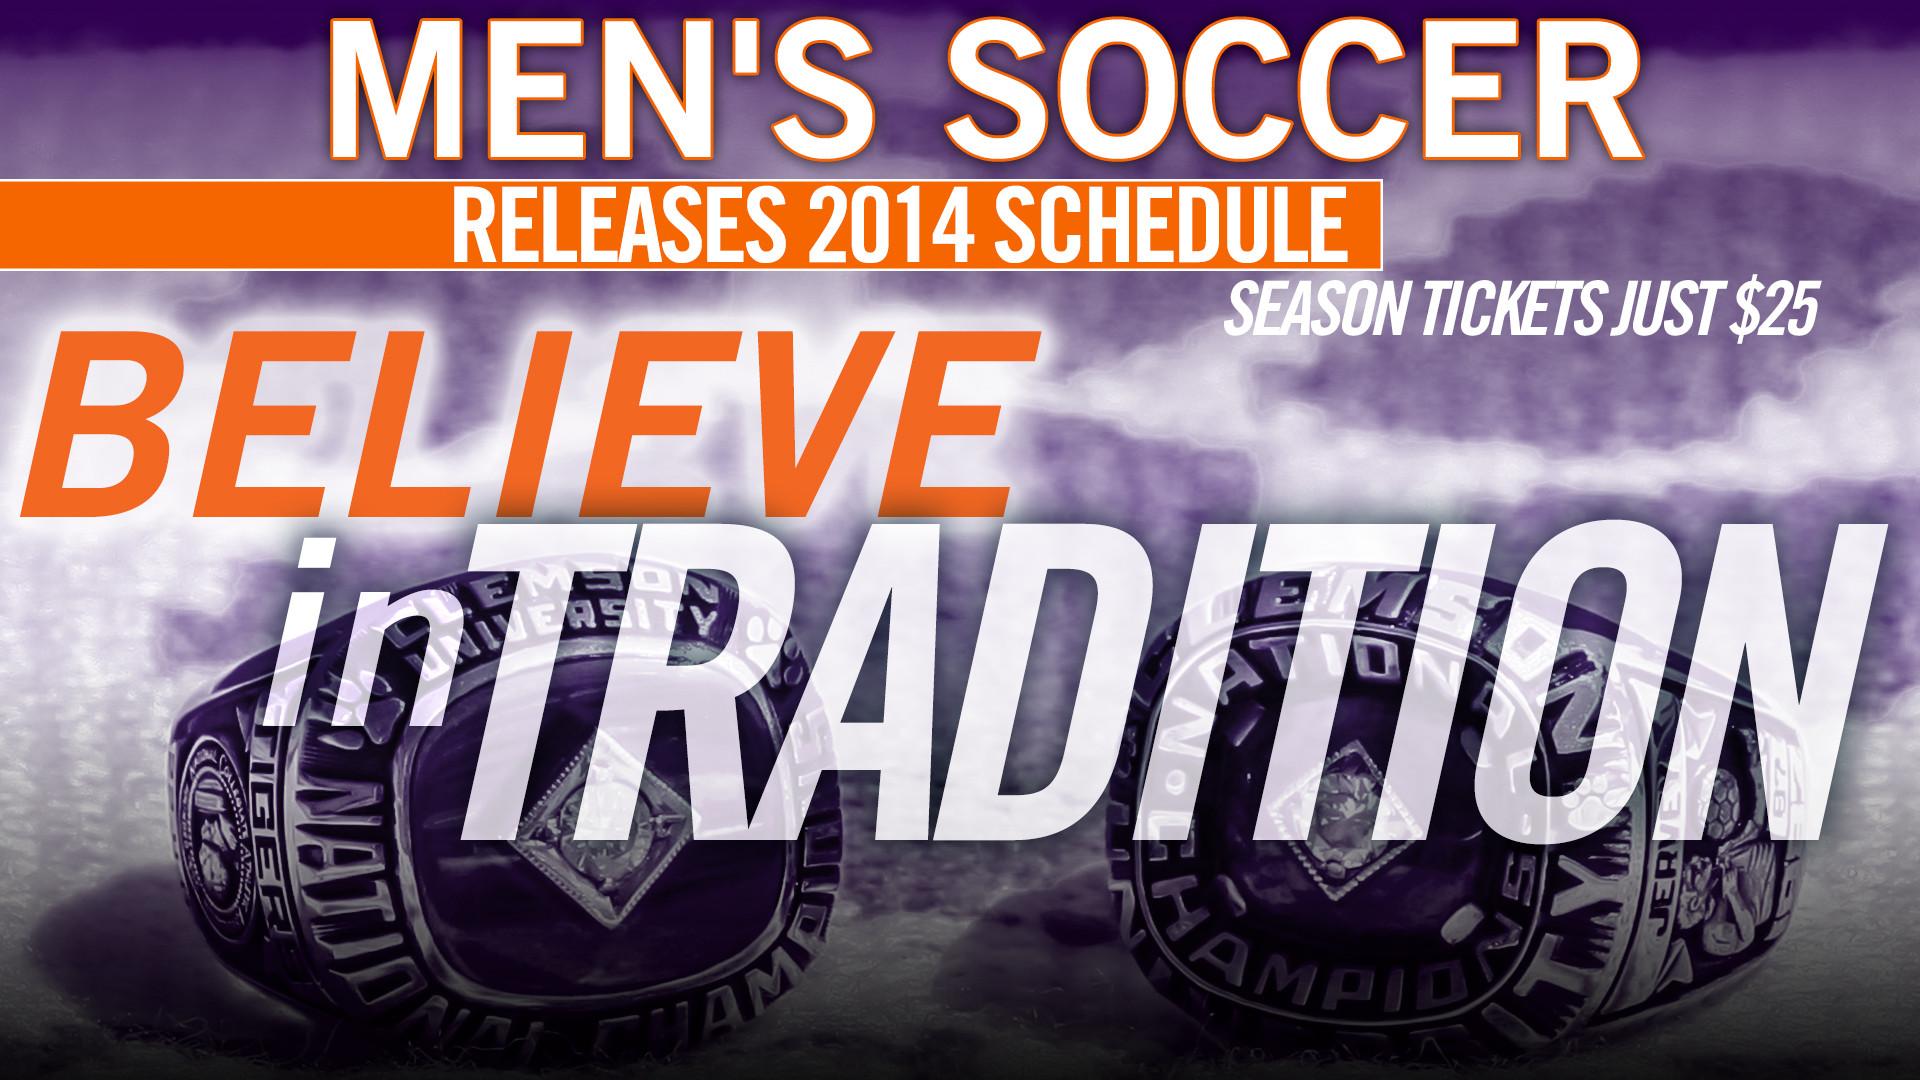 Clemson Men?s Soccer 2014 Schedule Released